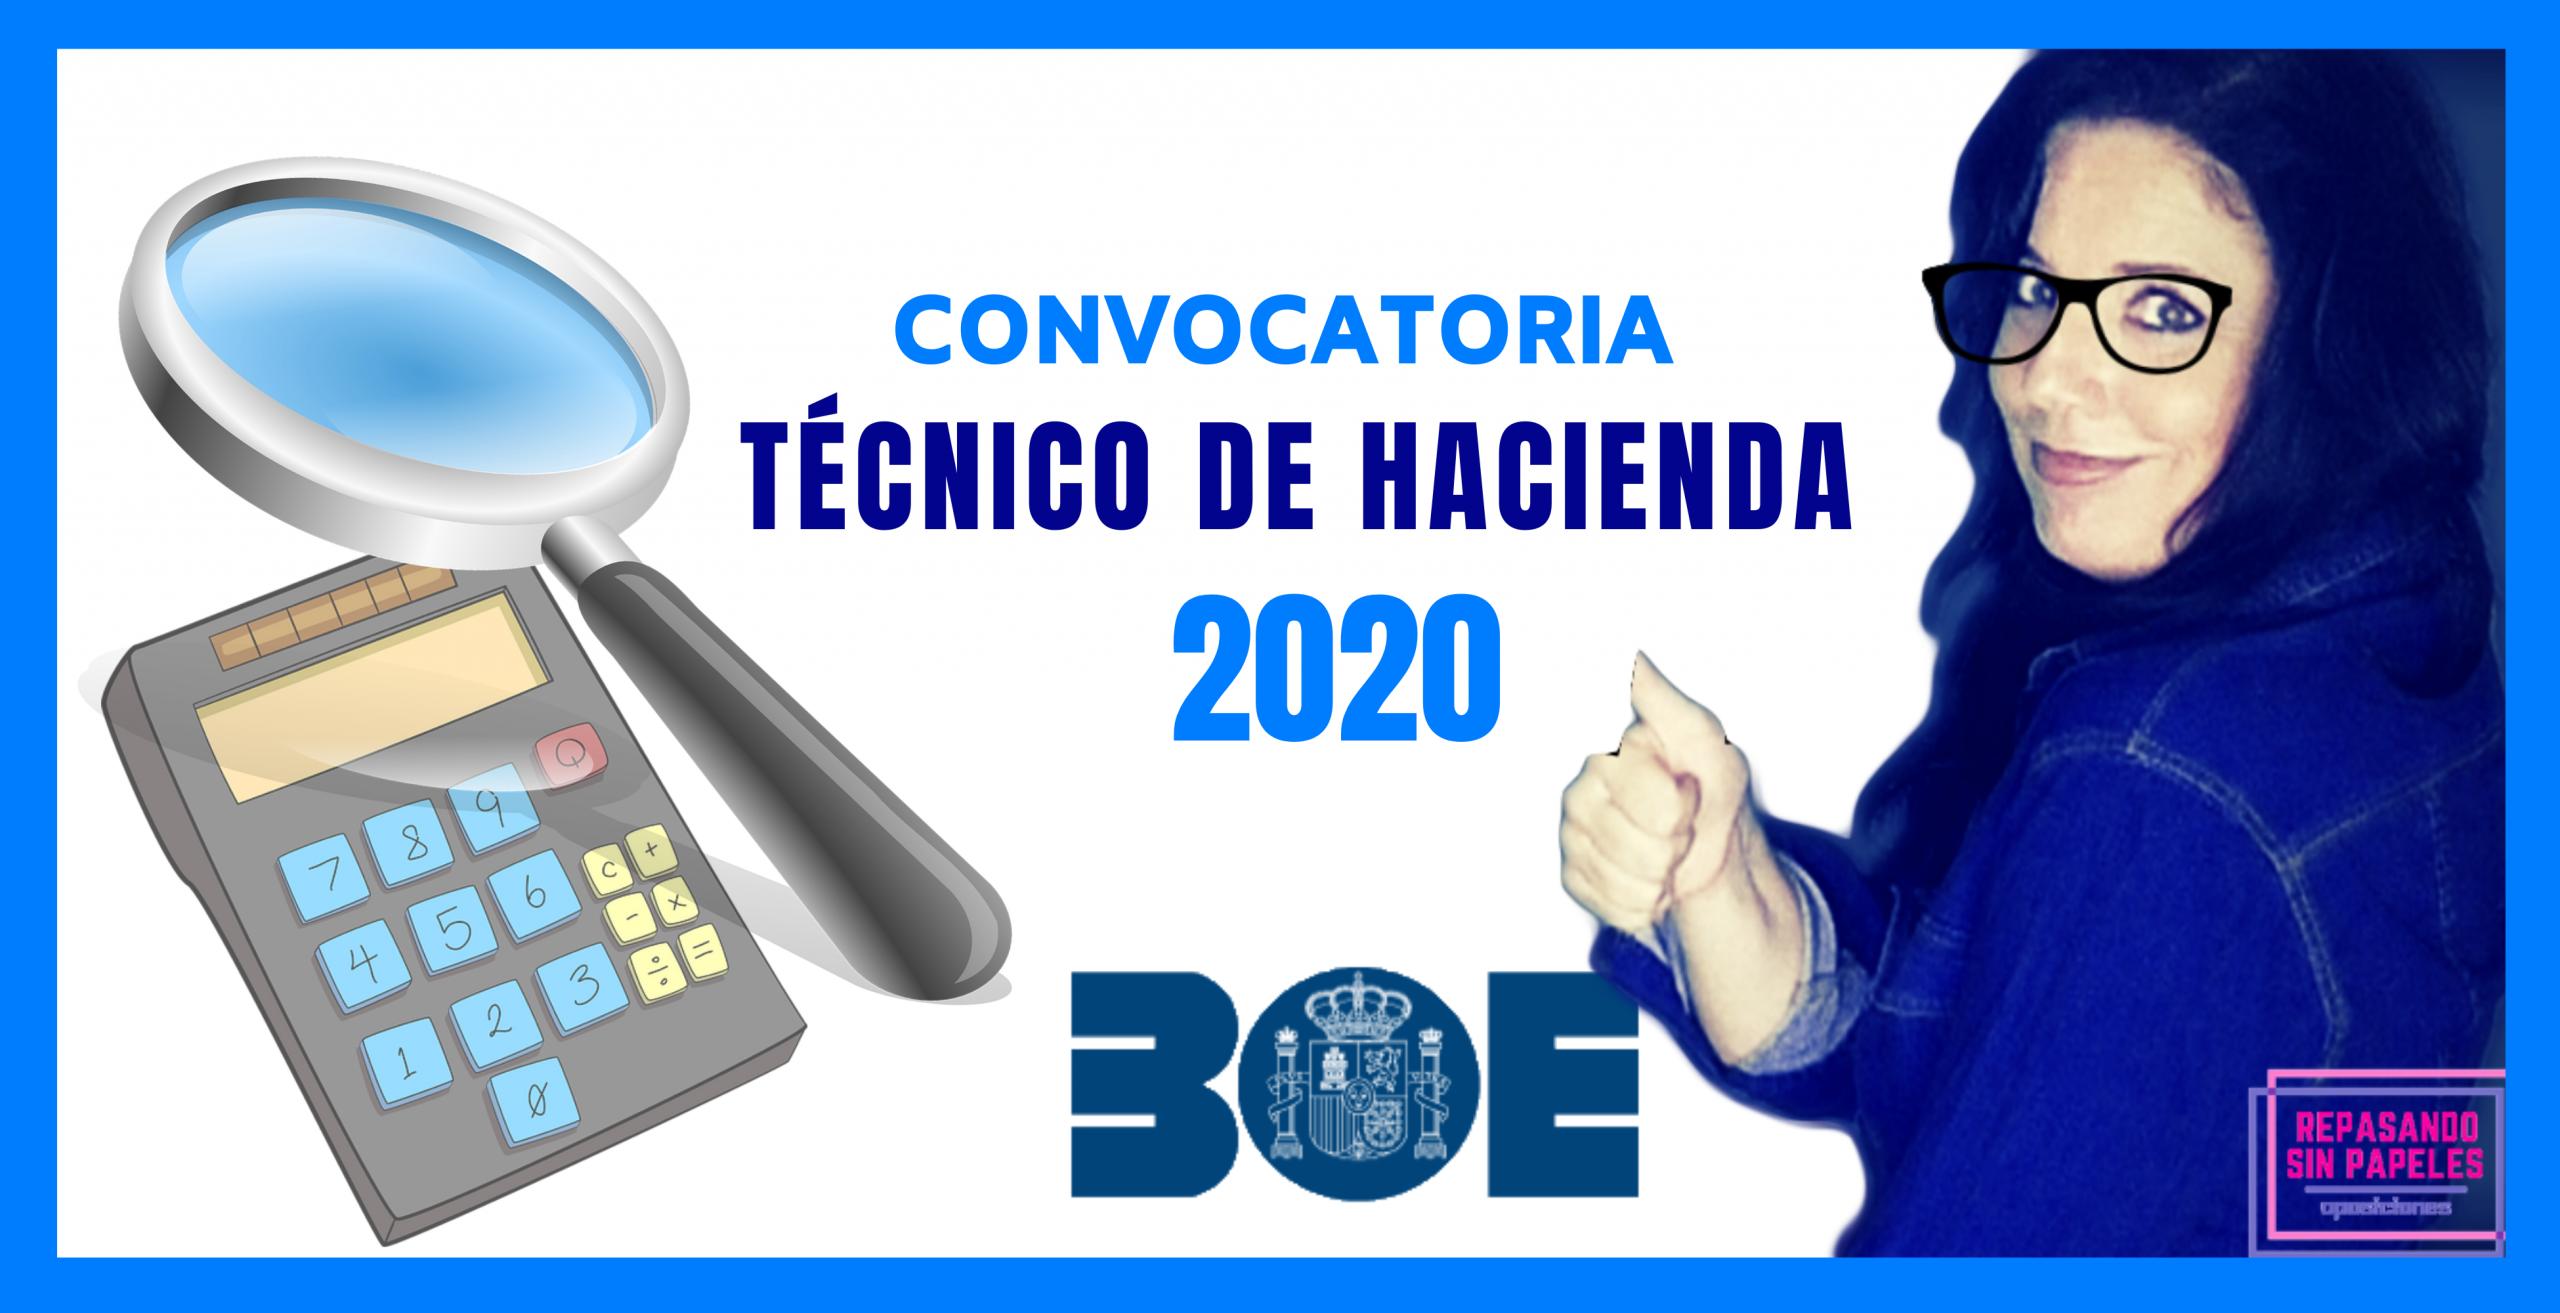 boe tecnico de hacienda convocatoria 2020